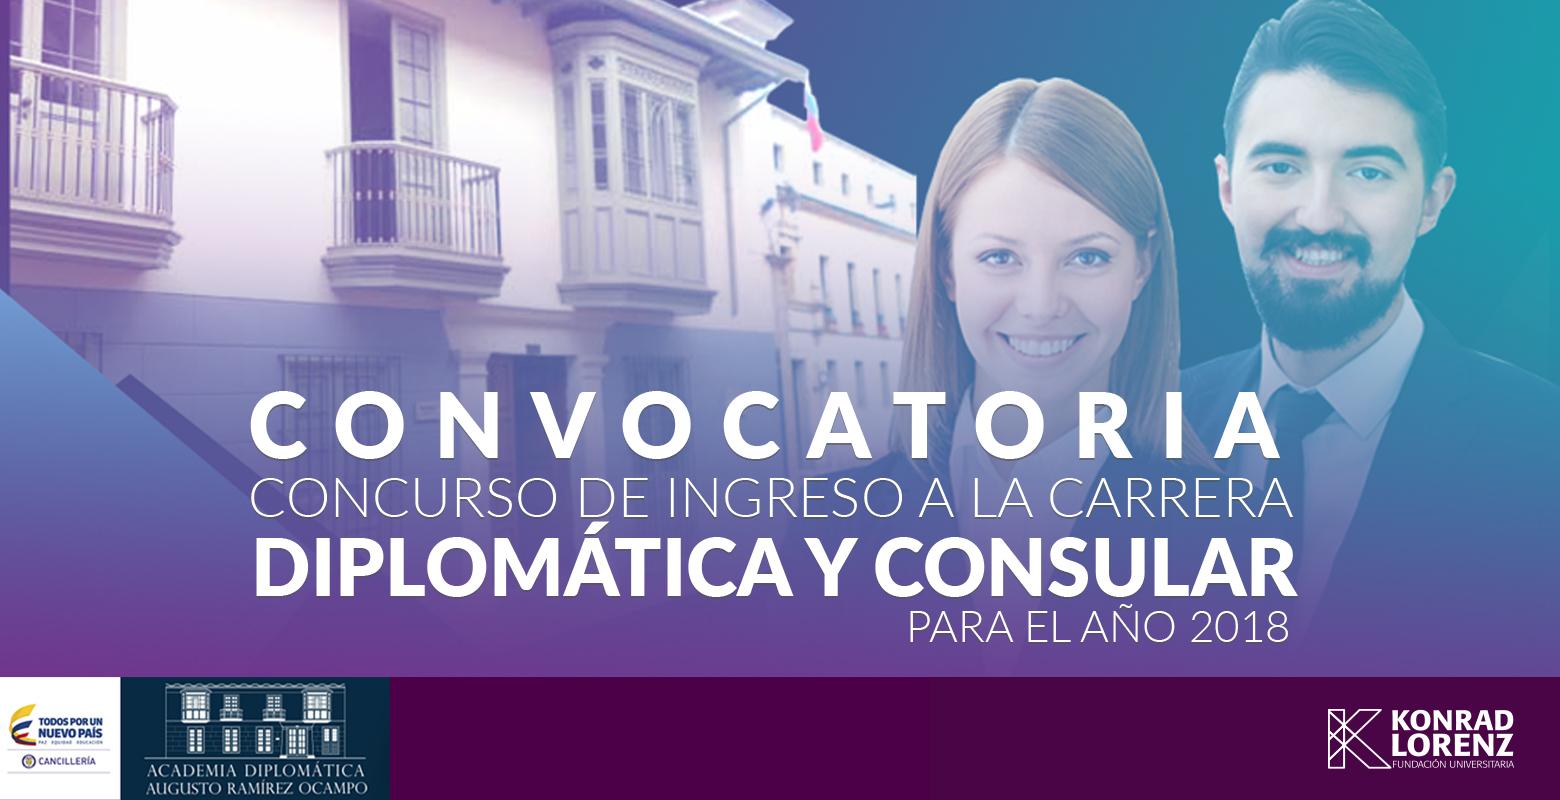 Convocatoria concurso Carrera Diplomática y Consular 2018